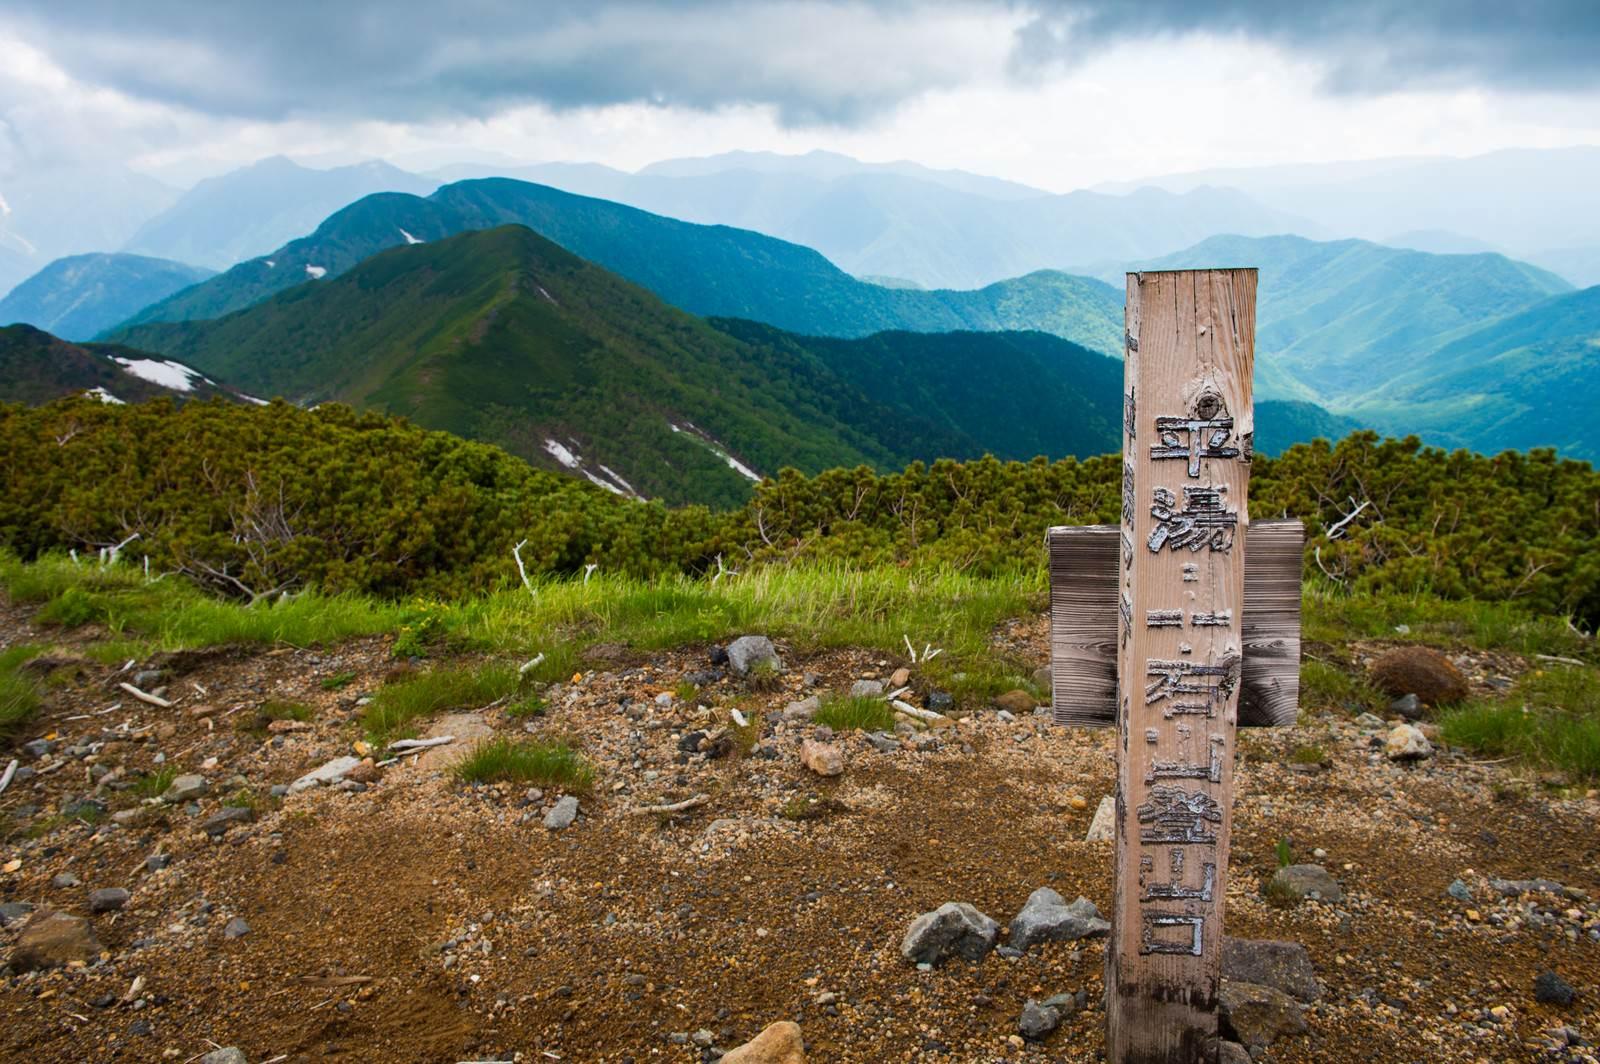 「乗鞍新登山道・平湯温泉下山口(道標)」の写真